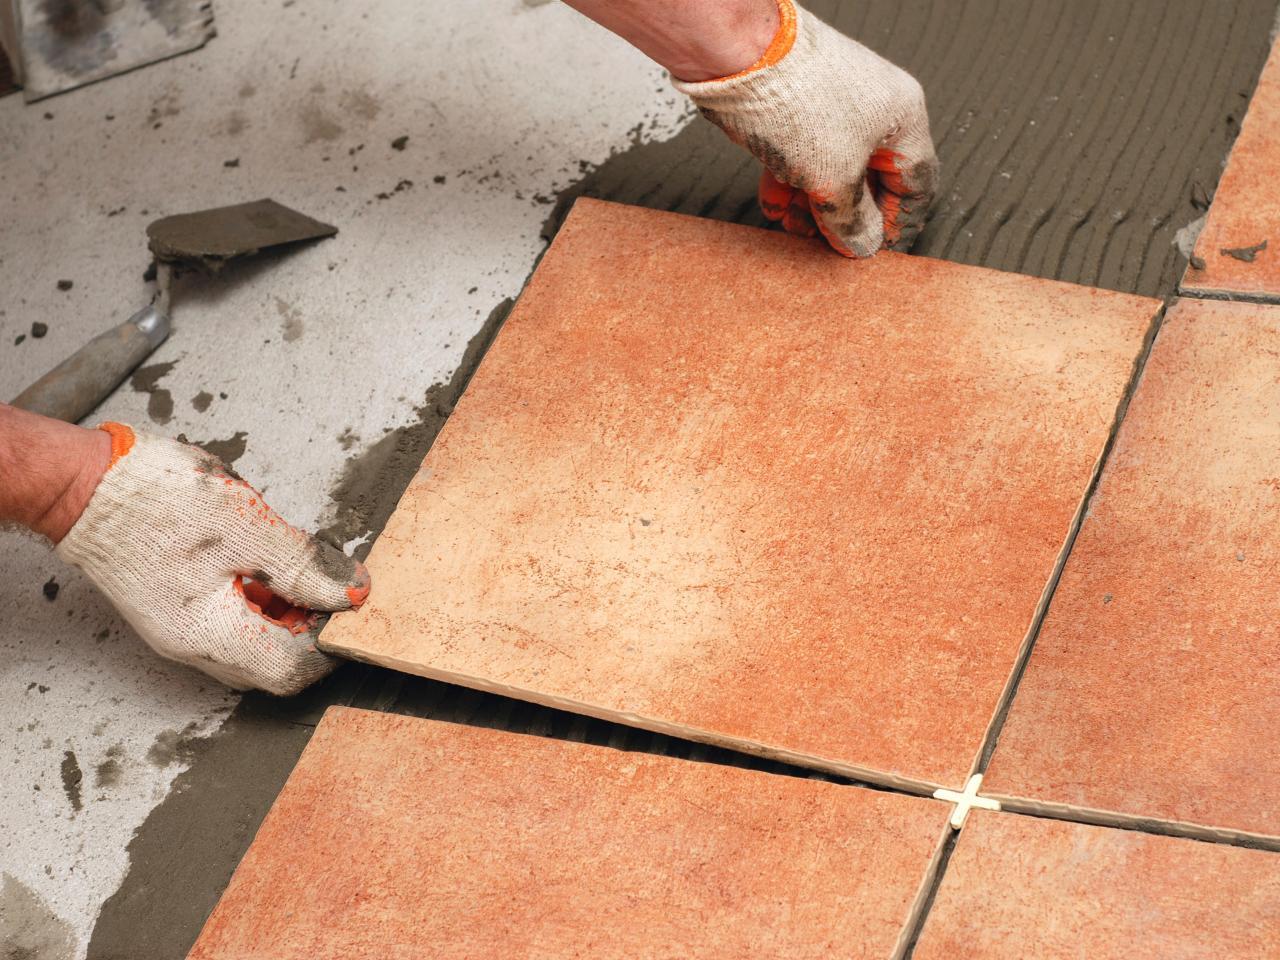 Artisan Skills Training A Career As A Tiler